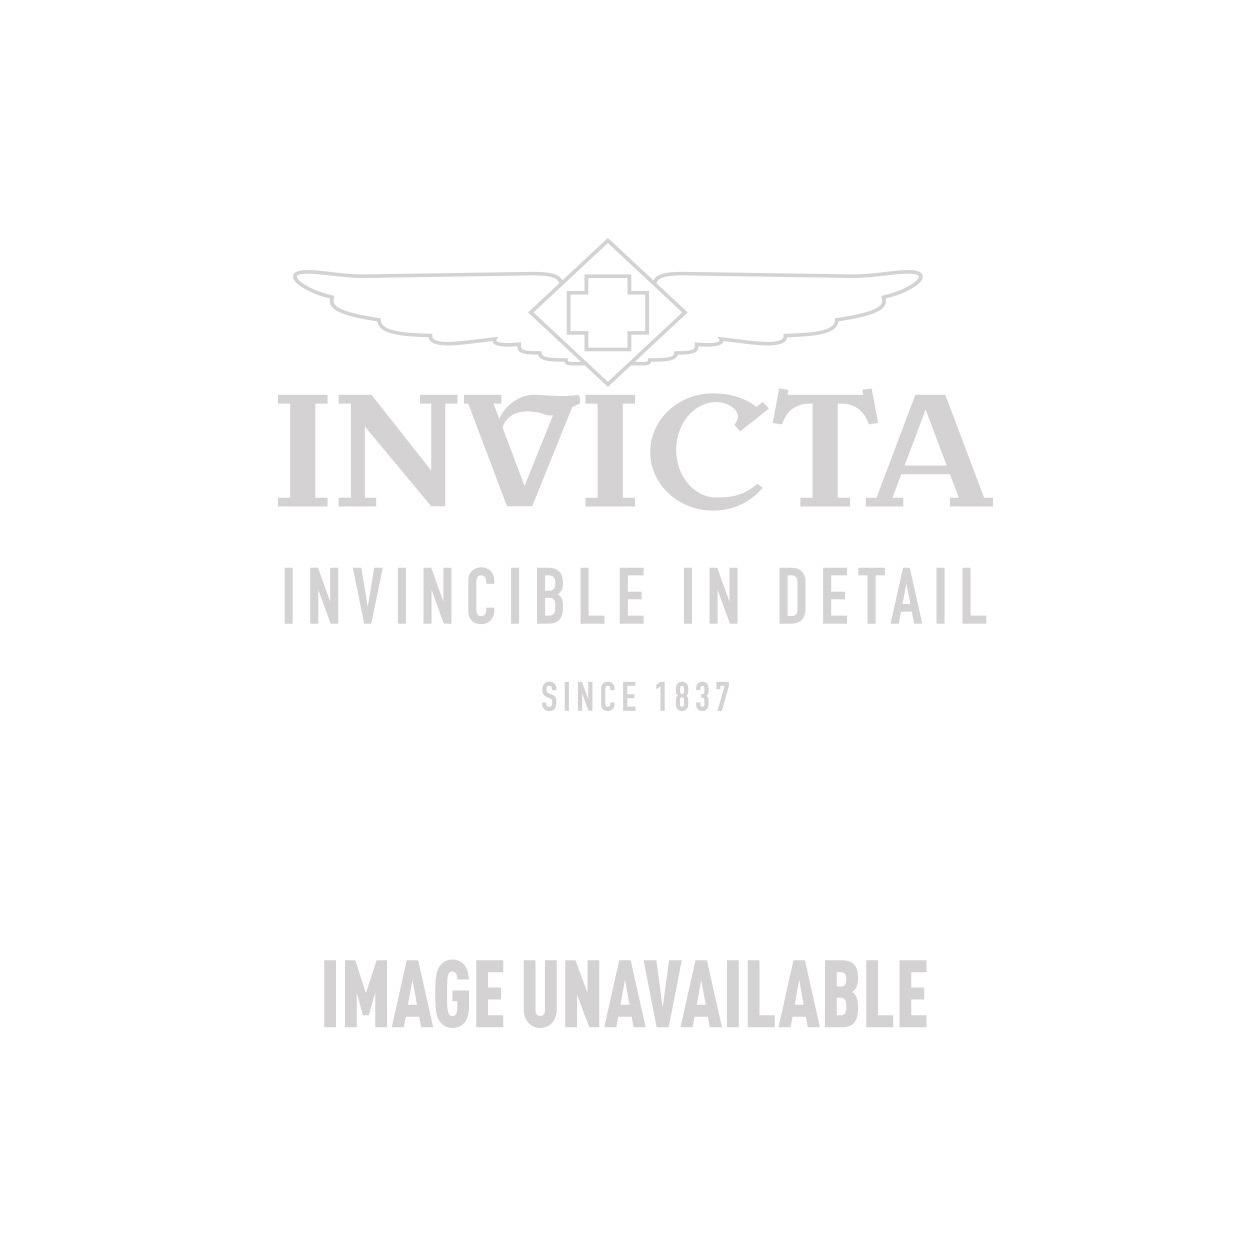 6cb473e8a50 Invicta Bolt Mens Quartz 53mm Black Case Black Dial - Model 27270